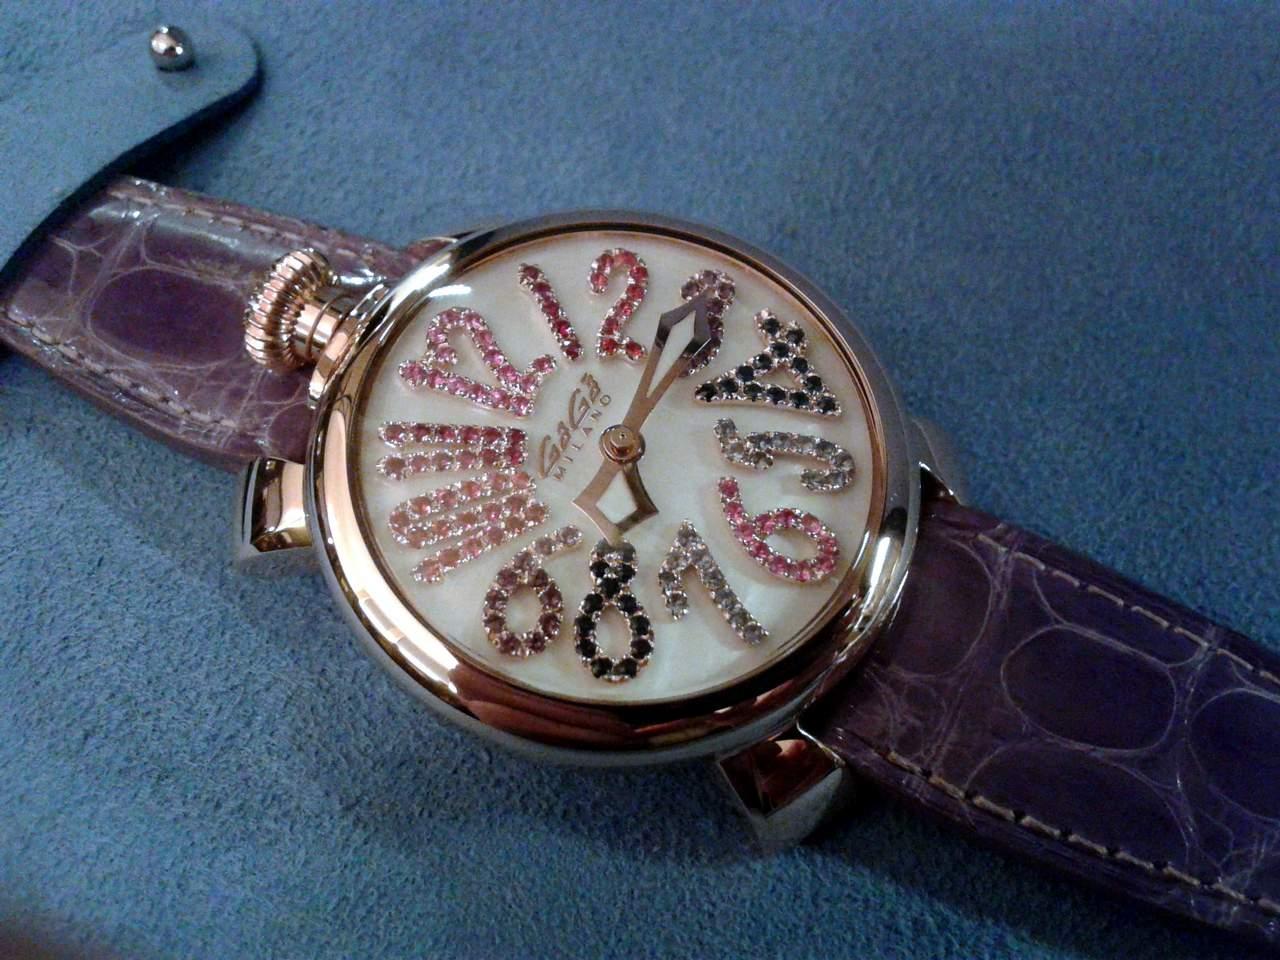 gaga-milano-watches-price-prezzo-fai-villa-necchi_0-100_19